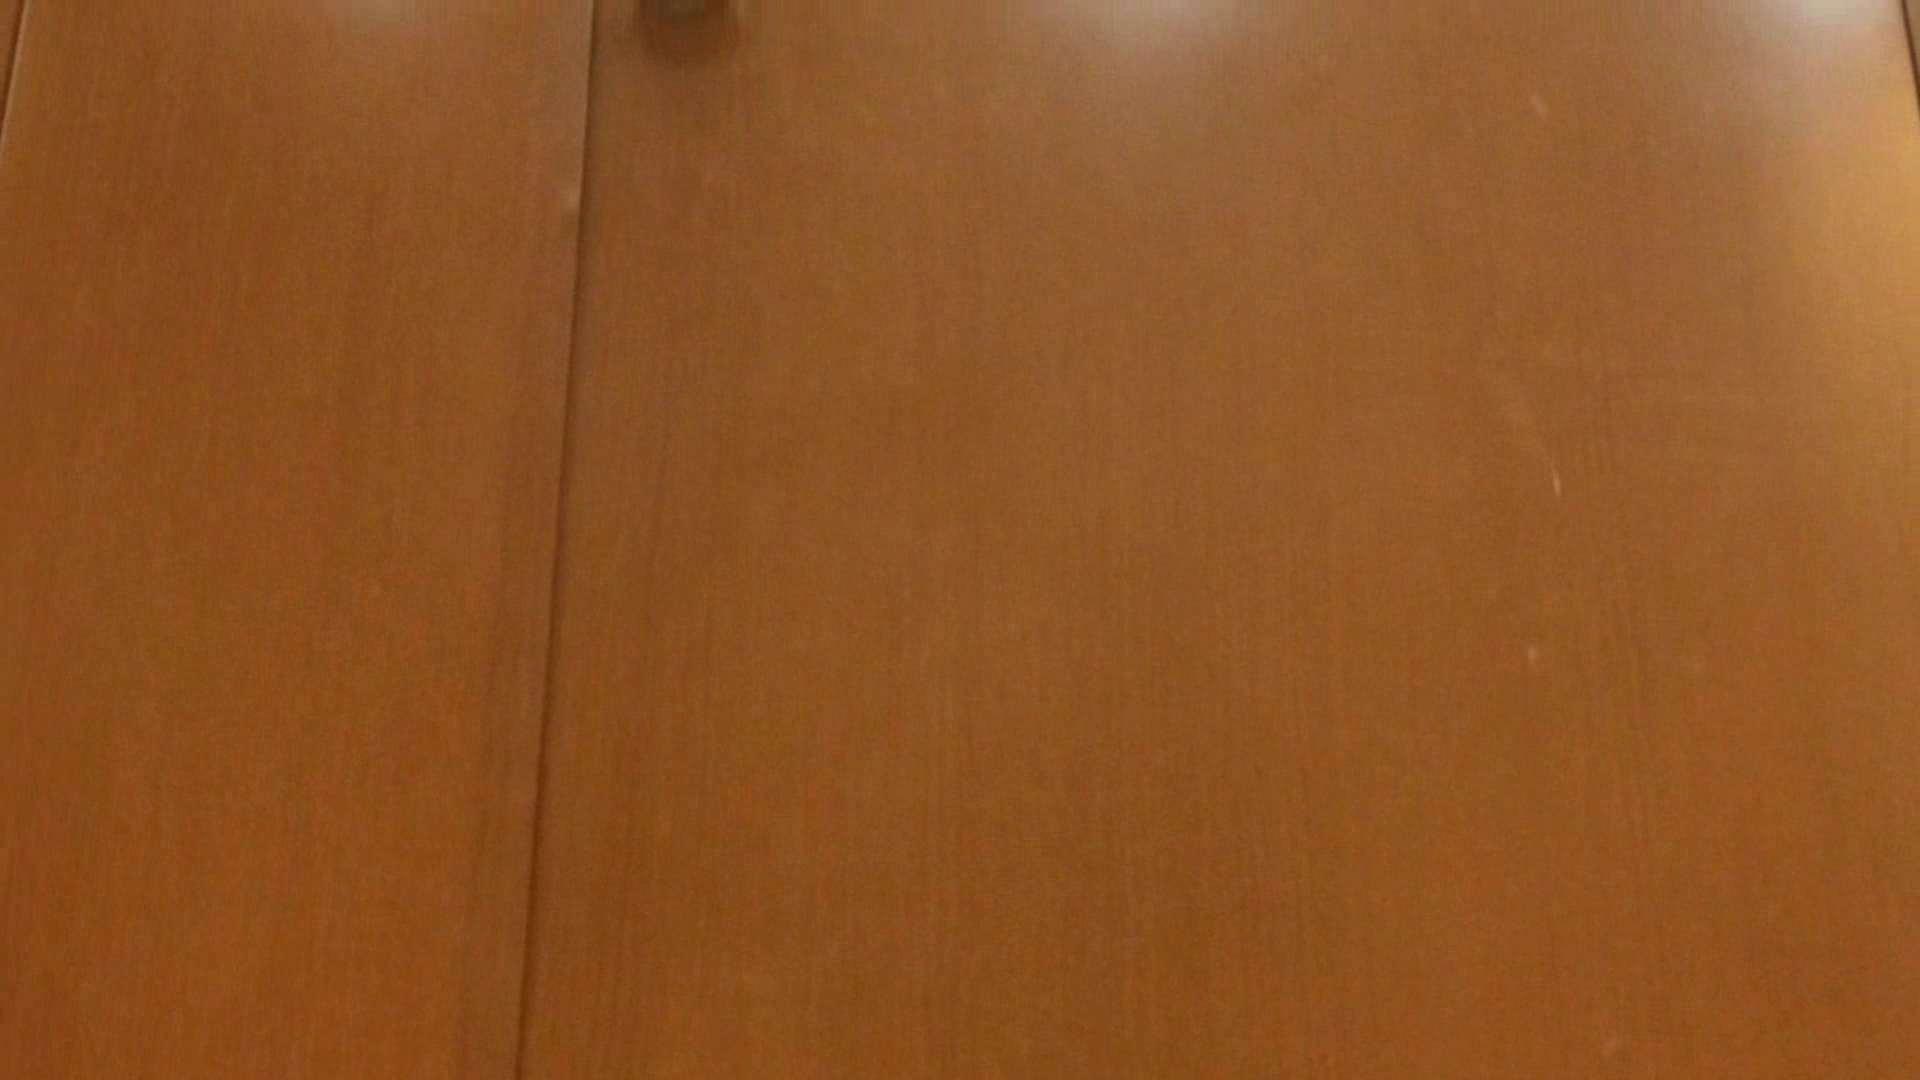 隣国化粧室下から御免!! No.01 美女  94画像 74